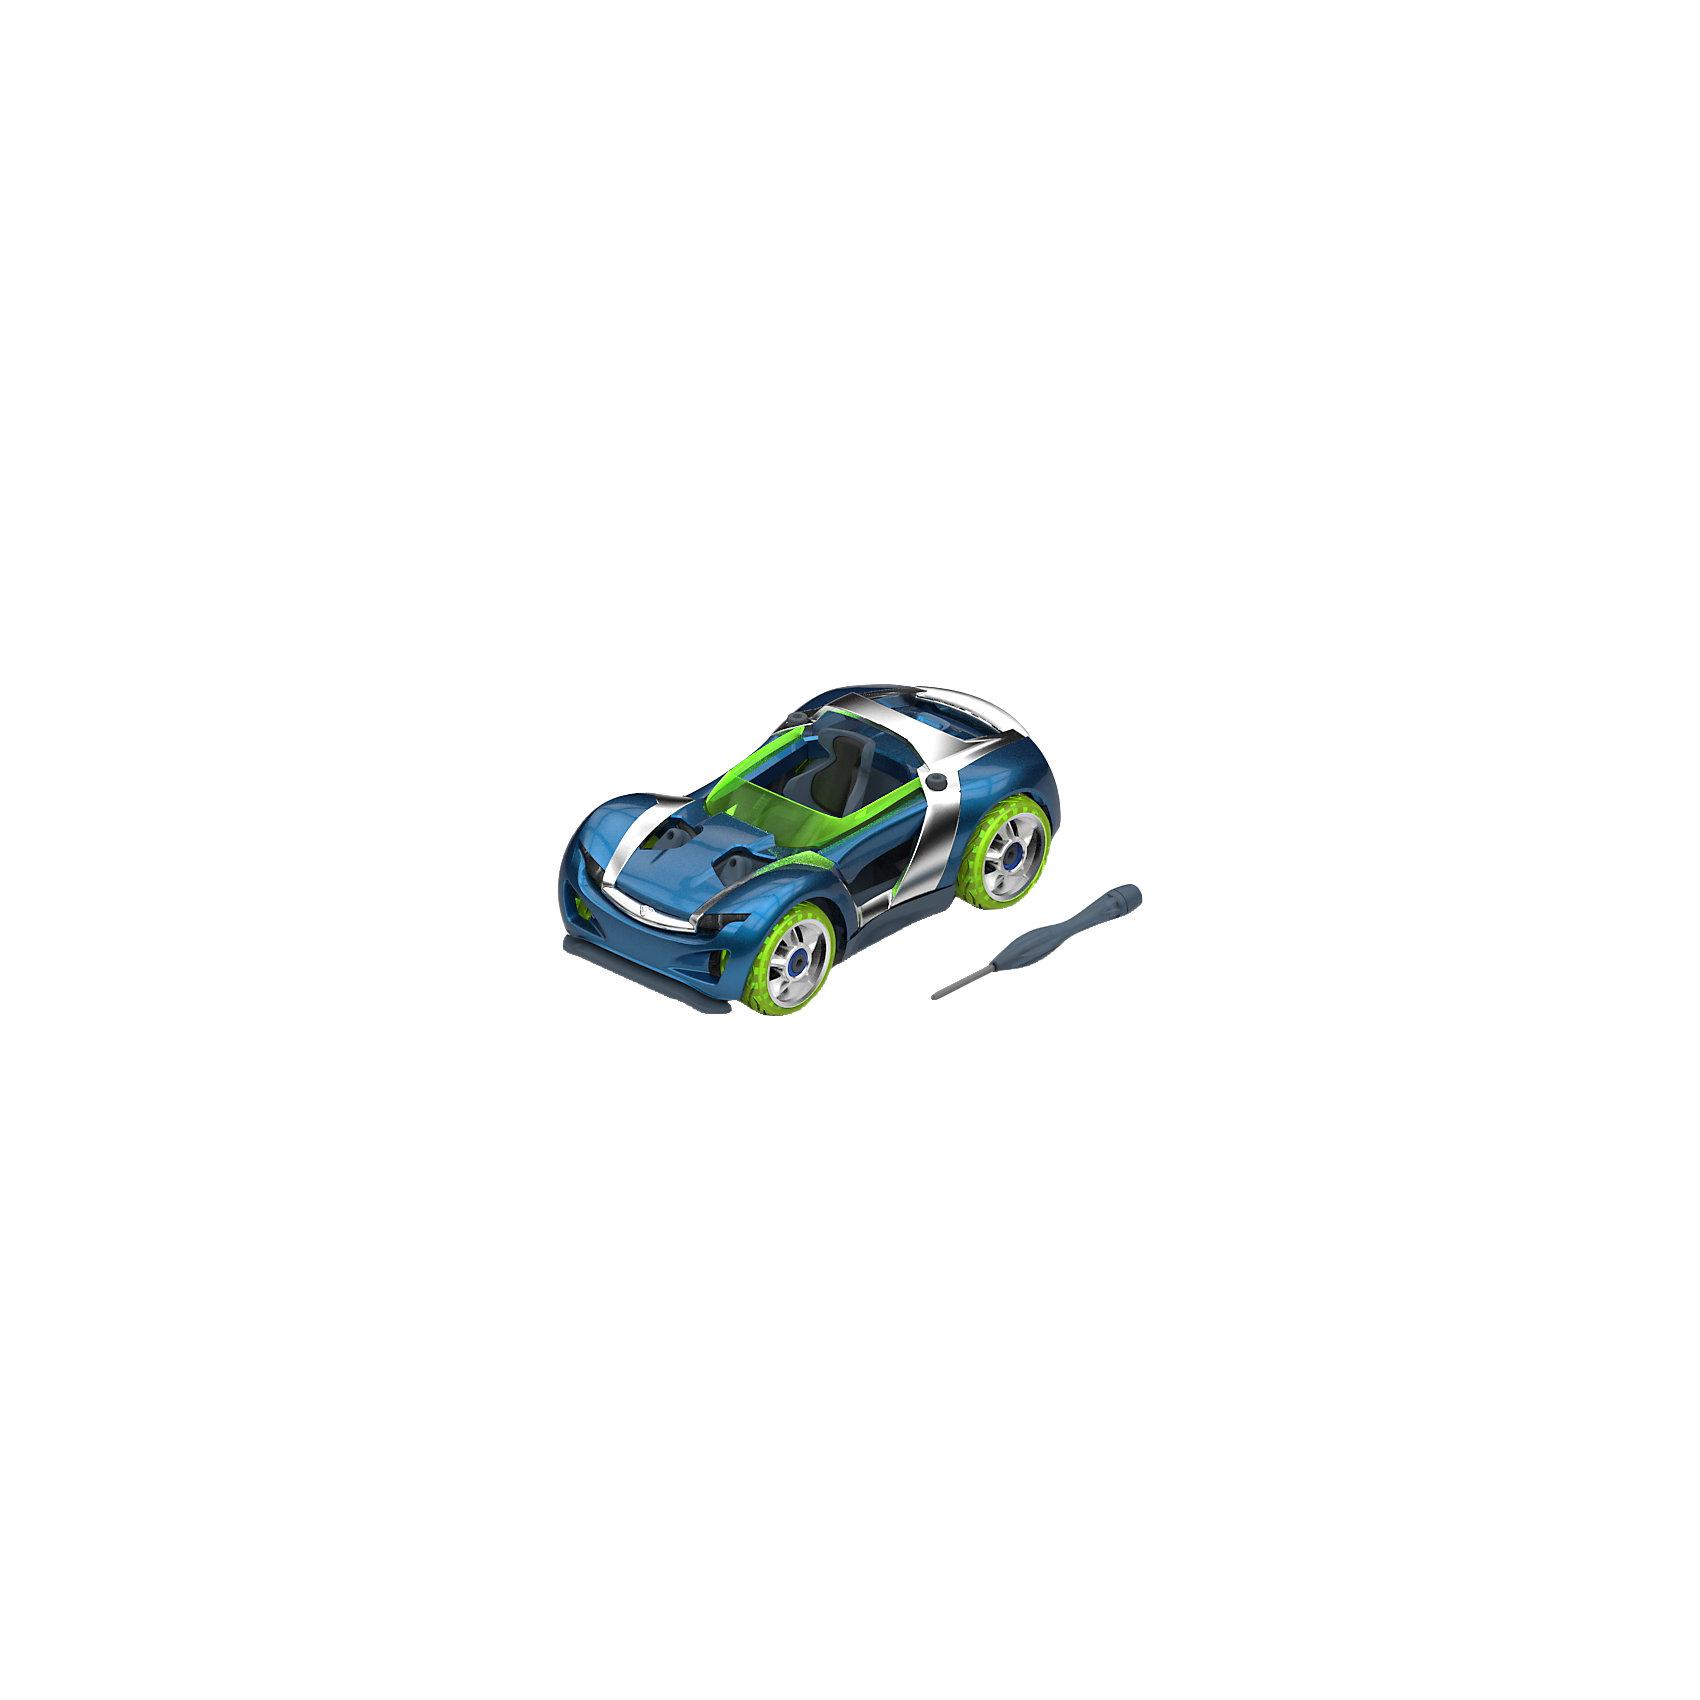 Набор для сборки машинки S1 Street Car Single, ModarriСборные модели транспорта<br>Набор для сборки машинки S1 Street Car Single, Modarri<br><br>Характеристики: <br><br>• Возраст: от 7 лет<br>• Материал: металл, пластмасса<br>• Комплектация набора: детали для сборки машины, отвертка, инструкция<br><br>Этот современный набор подойдет для использования детьми от семи лет. В комплект входят запчасти для создания гоночных машинок, которые смоделированы по образцу настоящих итальянских суперкаров и внедорожника с яркой подсветкой и высокой маневренностью. Все запчасти автомобилей взаимозаменяемы между собой, а так же имеют повышенную прочность. <br><br>Каждая модель имеет высокую детализацию и, без сомнения, впечатлит юного конструктора. В наборе содержатся не только детали от машинок, но и отвертка с инструкцией, чтобы ваш ребенок мог как можно скорее получить впечатляющий и радующий его результат.<br><br>Набор для сборки машинки S1 Street Car Single, Modarri можно купить в нашем интернет-магазине.<br><br>Ширина мм: 215<br>Глубина мм: 200<br>Высота мм: 83<br>Вес г: 260<br>Возраст от месяцев: 96<br>Возраст до месяцев: 2147483647<br>Пол: Мужской<br>Возраст: Детский<br>SKU: 5430835